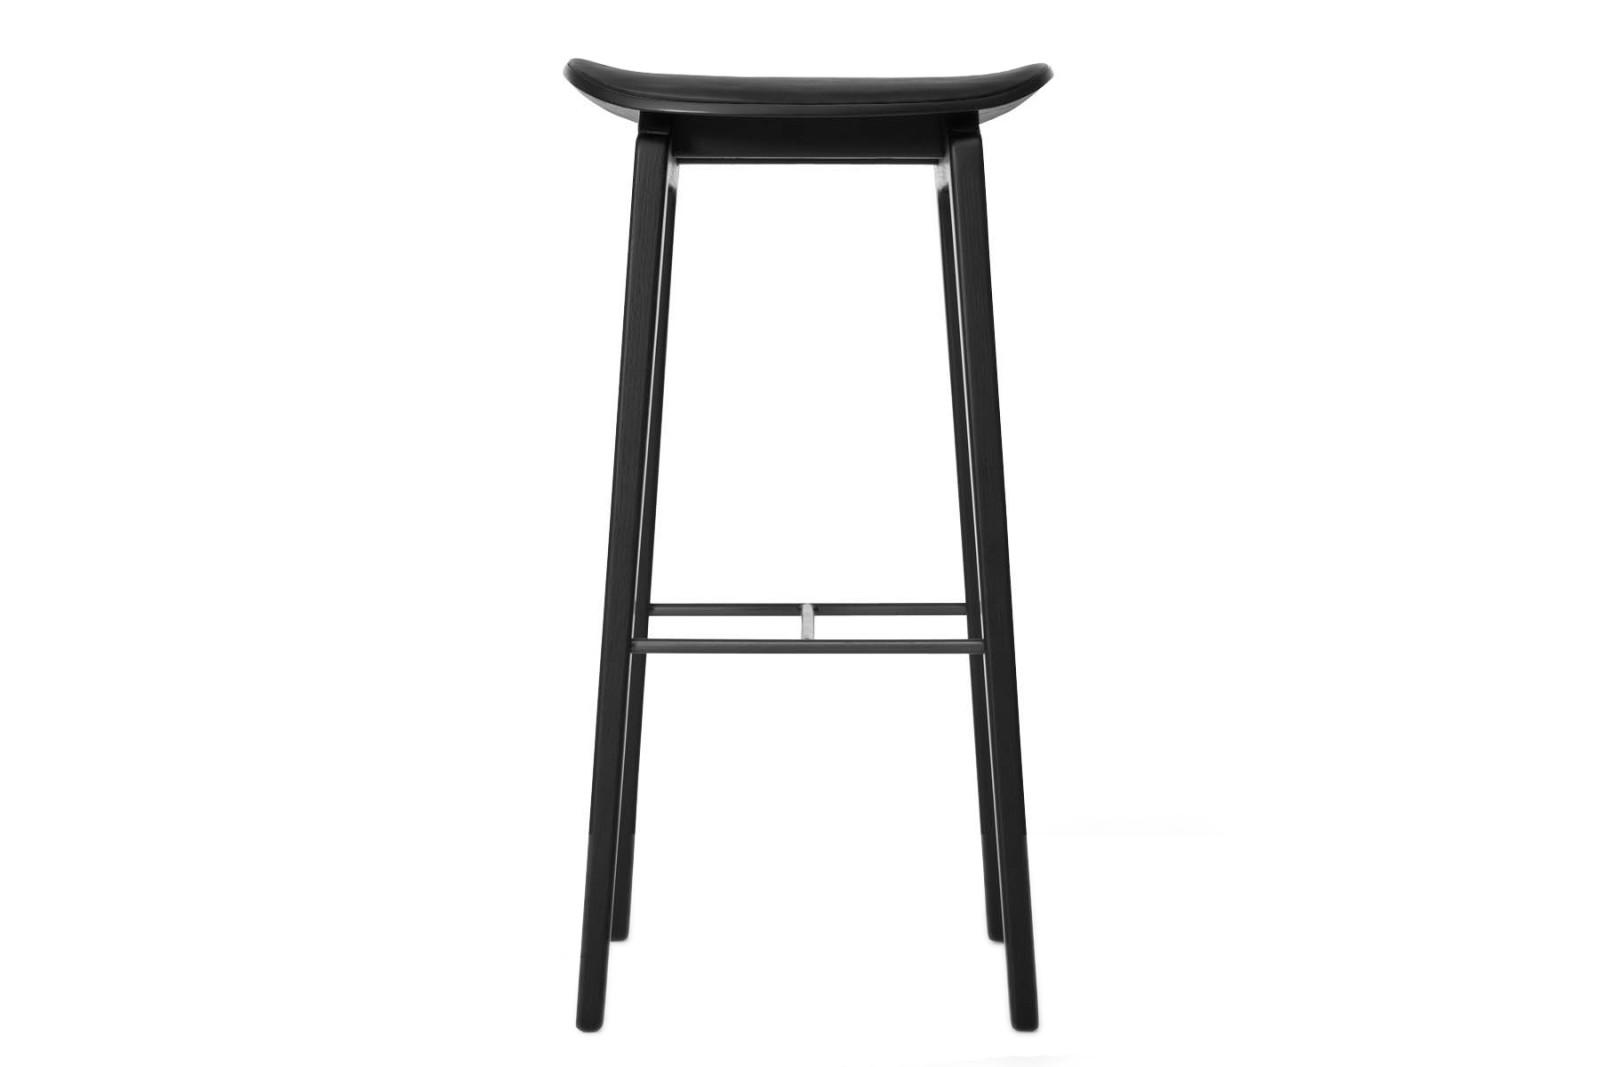 NY11 Bar Chair, Leather Black Frame, High